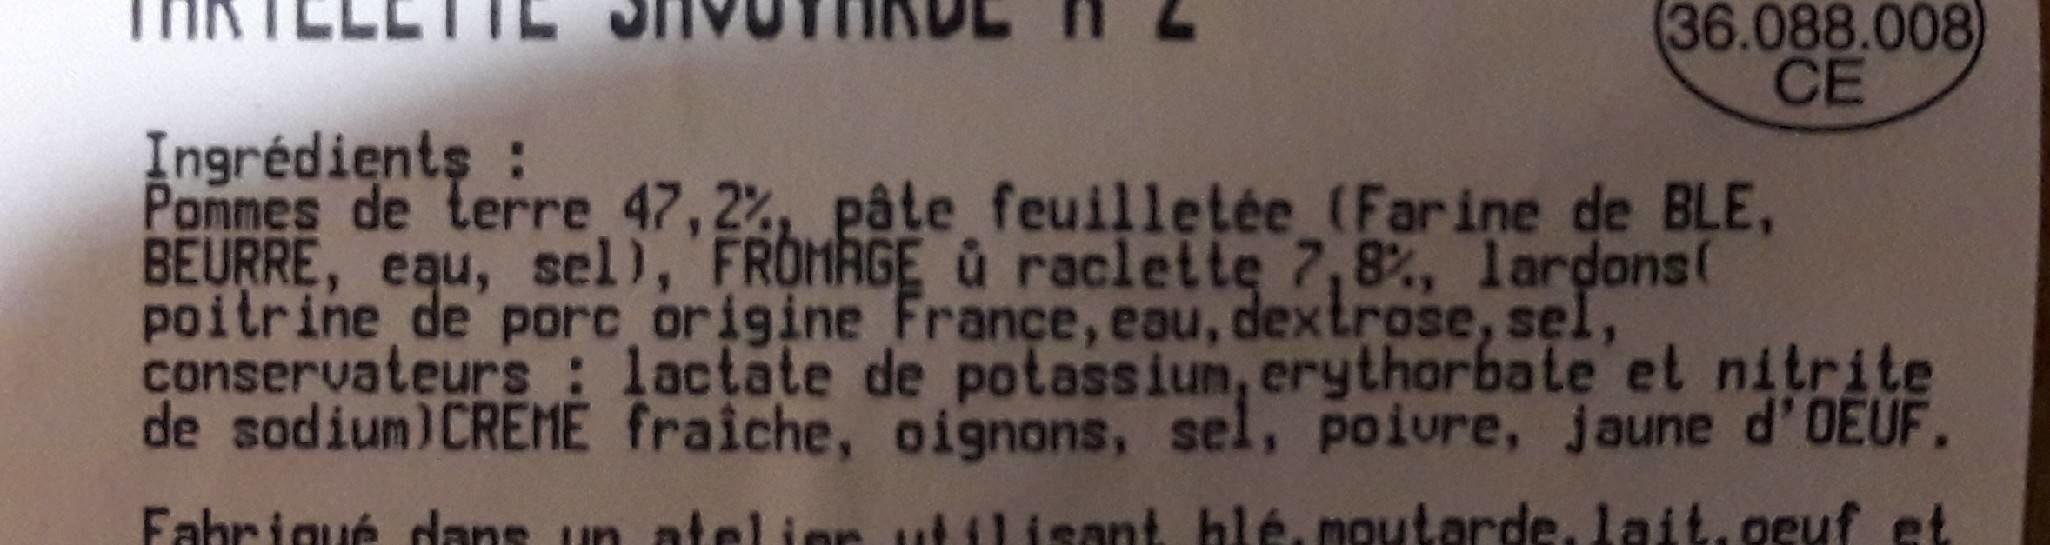 Tartelette savoyarde - Ingrédients